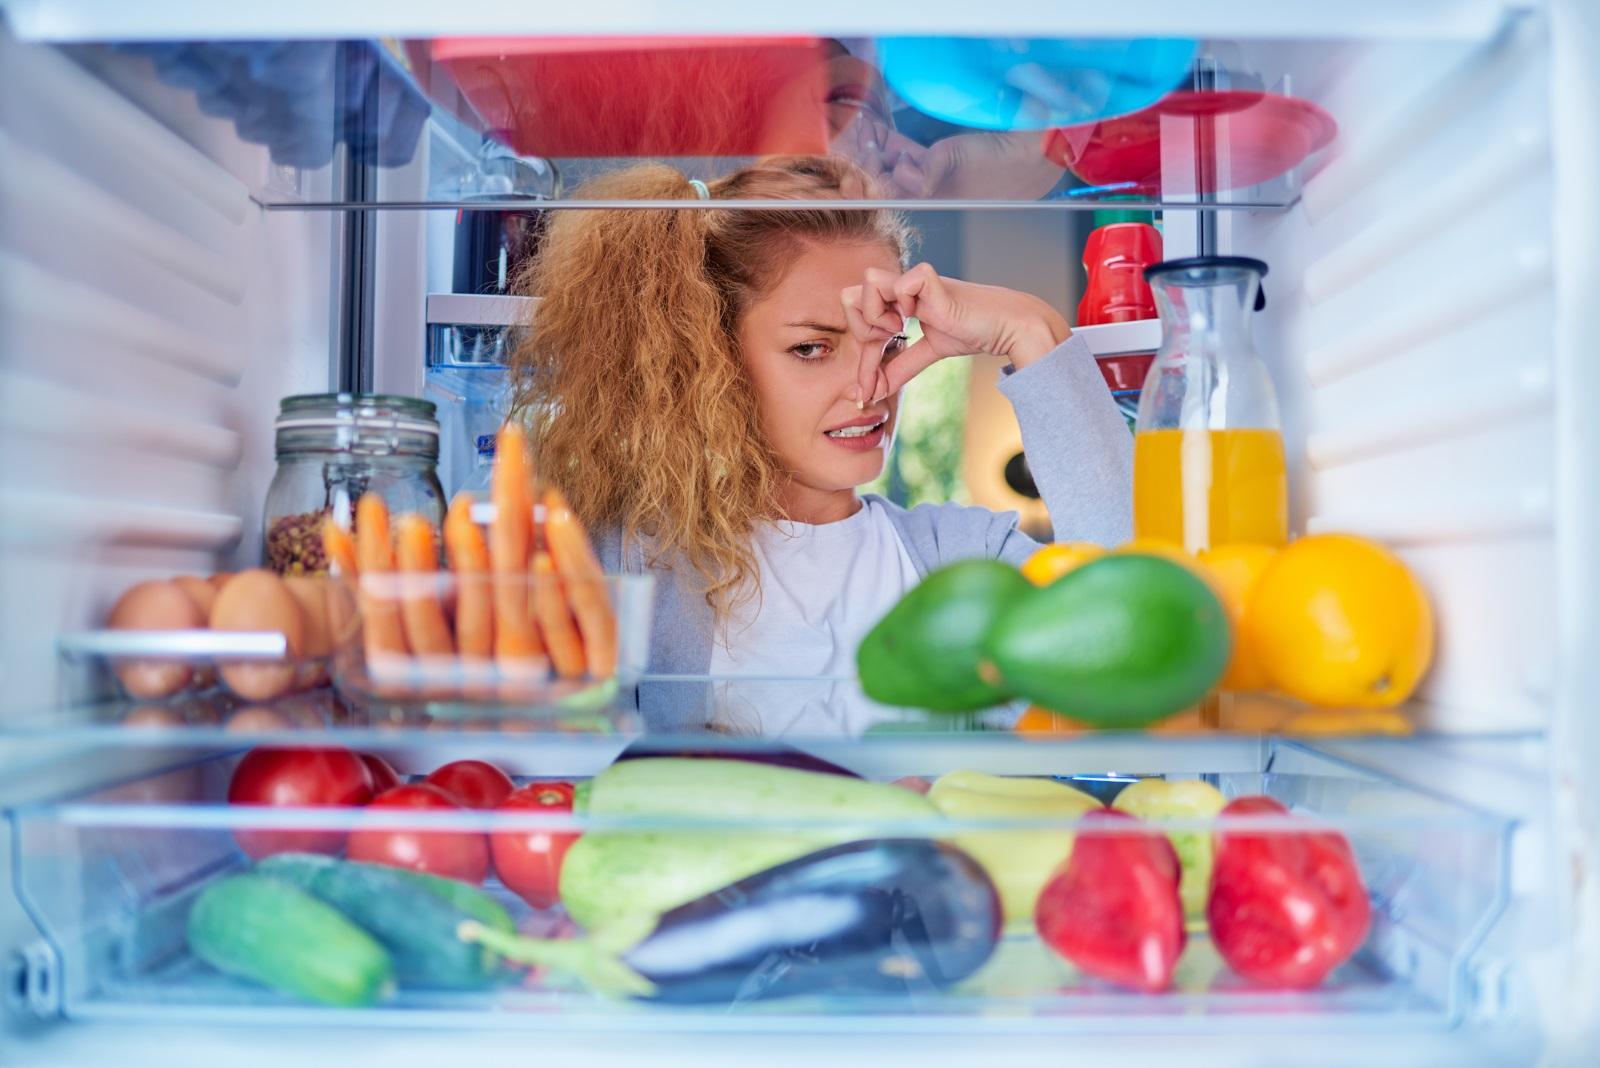 <p>Лоша миризма в хладилника или фризера</p>  <p>След като откриете причината за нея - най-често развалена храна или мухлясали плодове и зеленчуци, извадете всичко от хладилника, измийте го с влажна кърпа и сапун и оставете да се проветри. Лесен трик срещу неприятна миризма в хладилника е да поставите чинийка с малко смляно кафе или филия хляб - те ще абсорбират миризмите.</p>